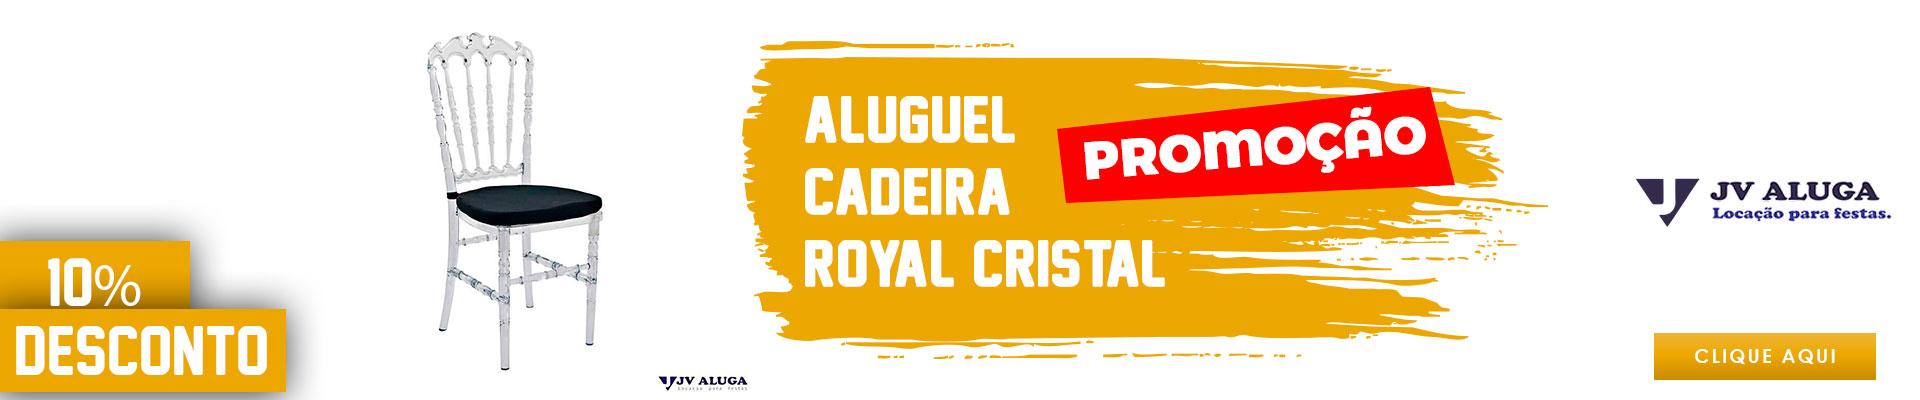 Aluguel Cadeira Royal Cristal